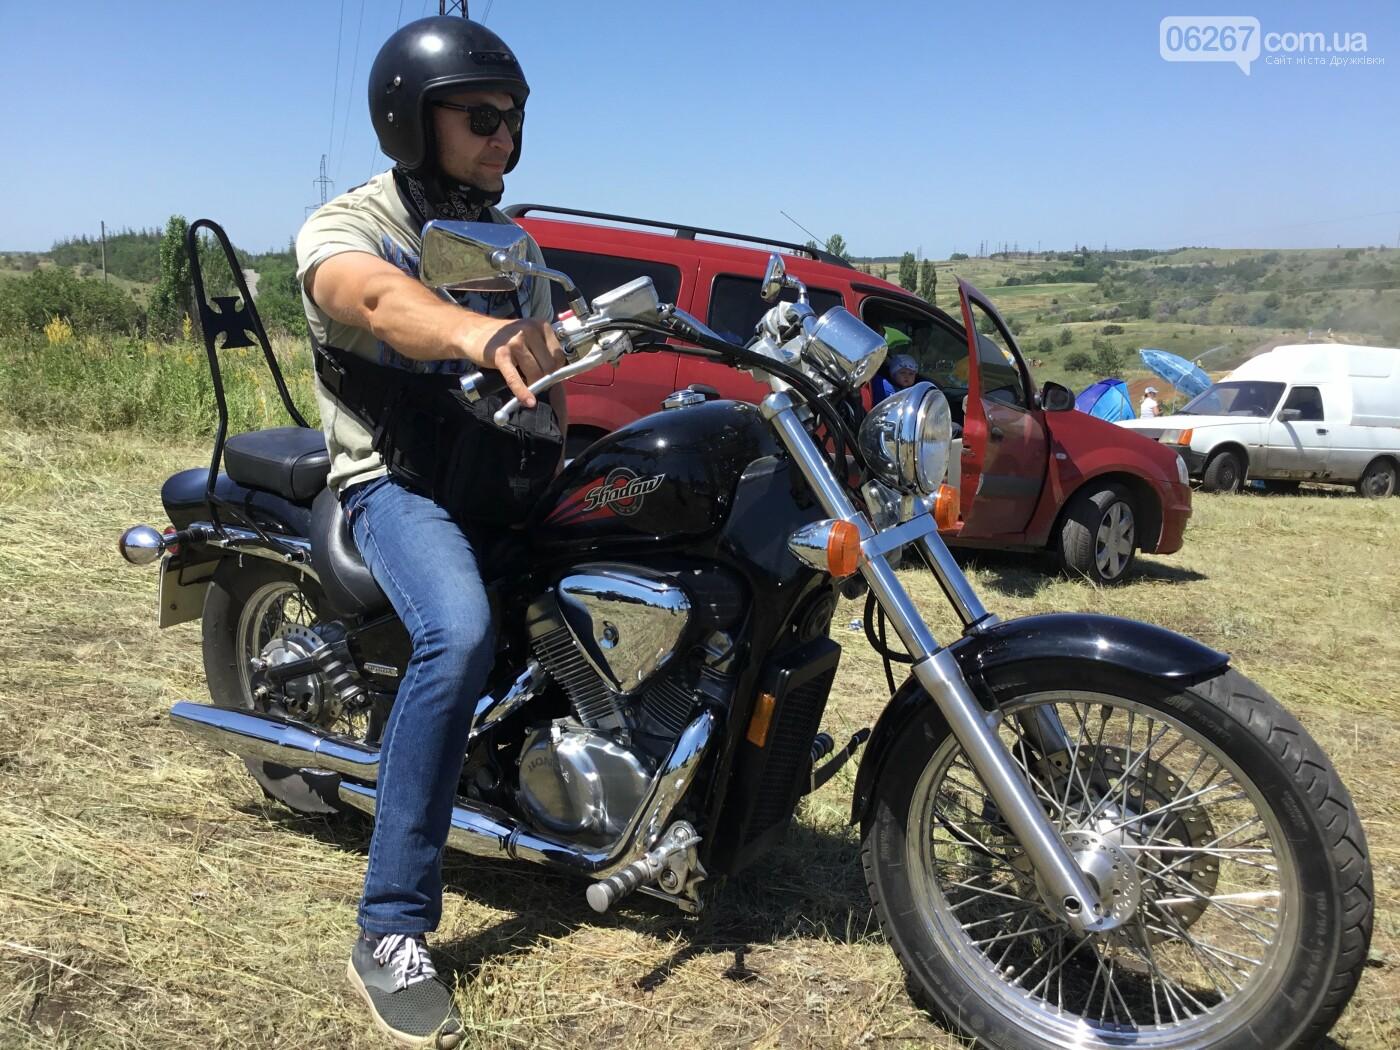 Под рёв моторов: В Дружковке соревновались «летающие мотоциклисты» (ФОТО, ВИДЕО), фото-12